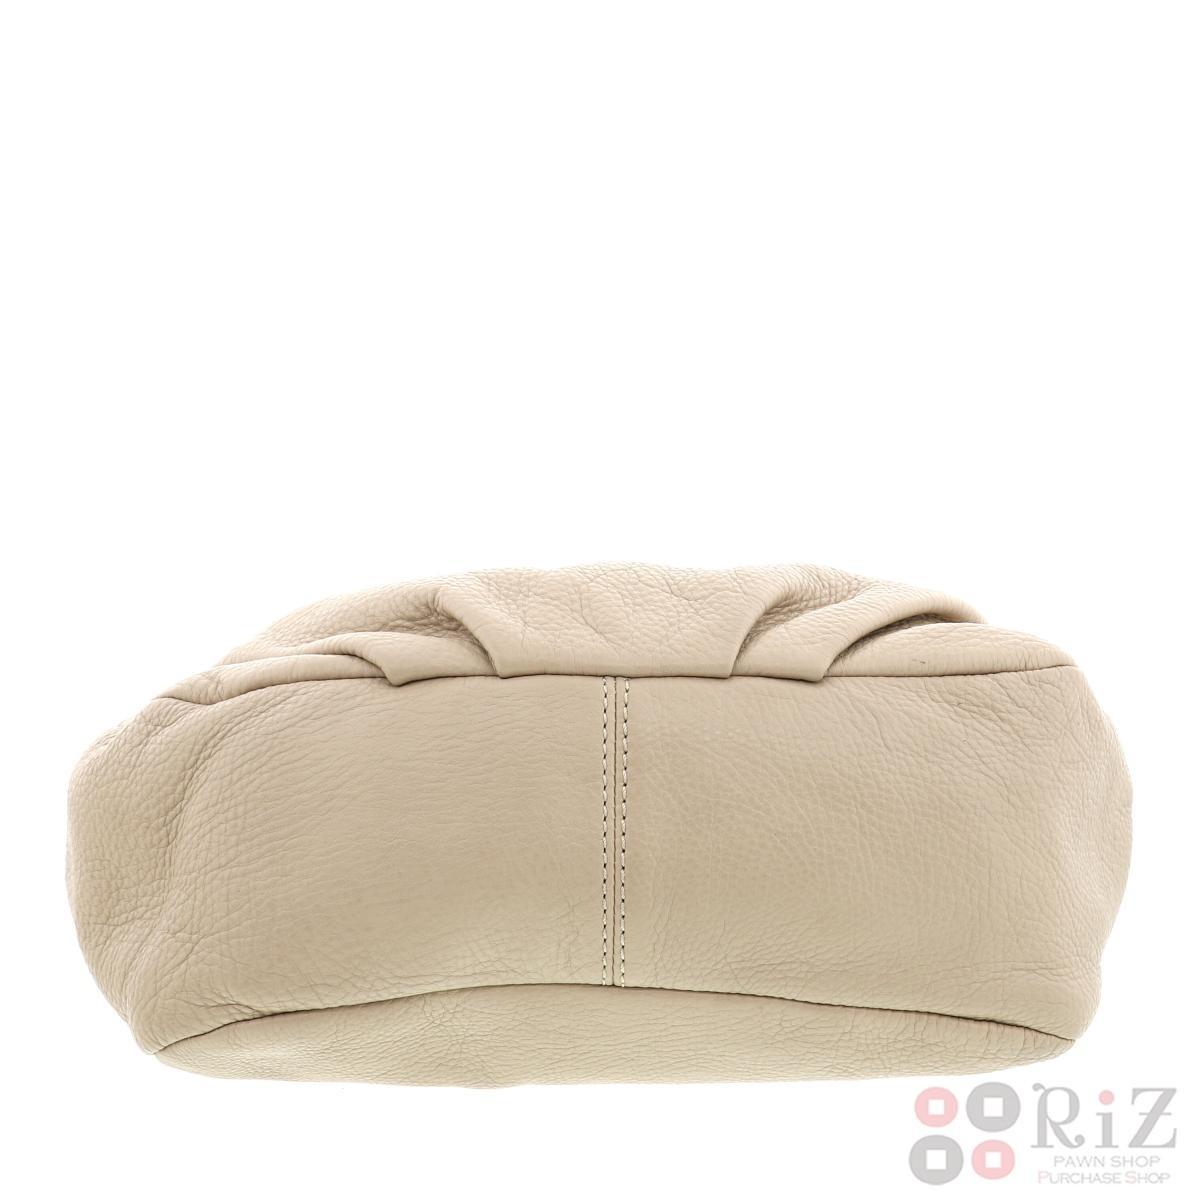 【中古】MARC BY MARC JACOBS (マークバイマークジェイコブス) 2WAY ショルダーバッグ バッグ ショルダー/メッセンジャーバッグ Shoulder Bag Beige  used:C